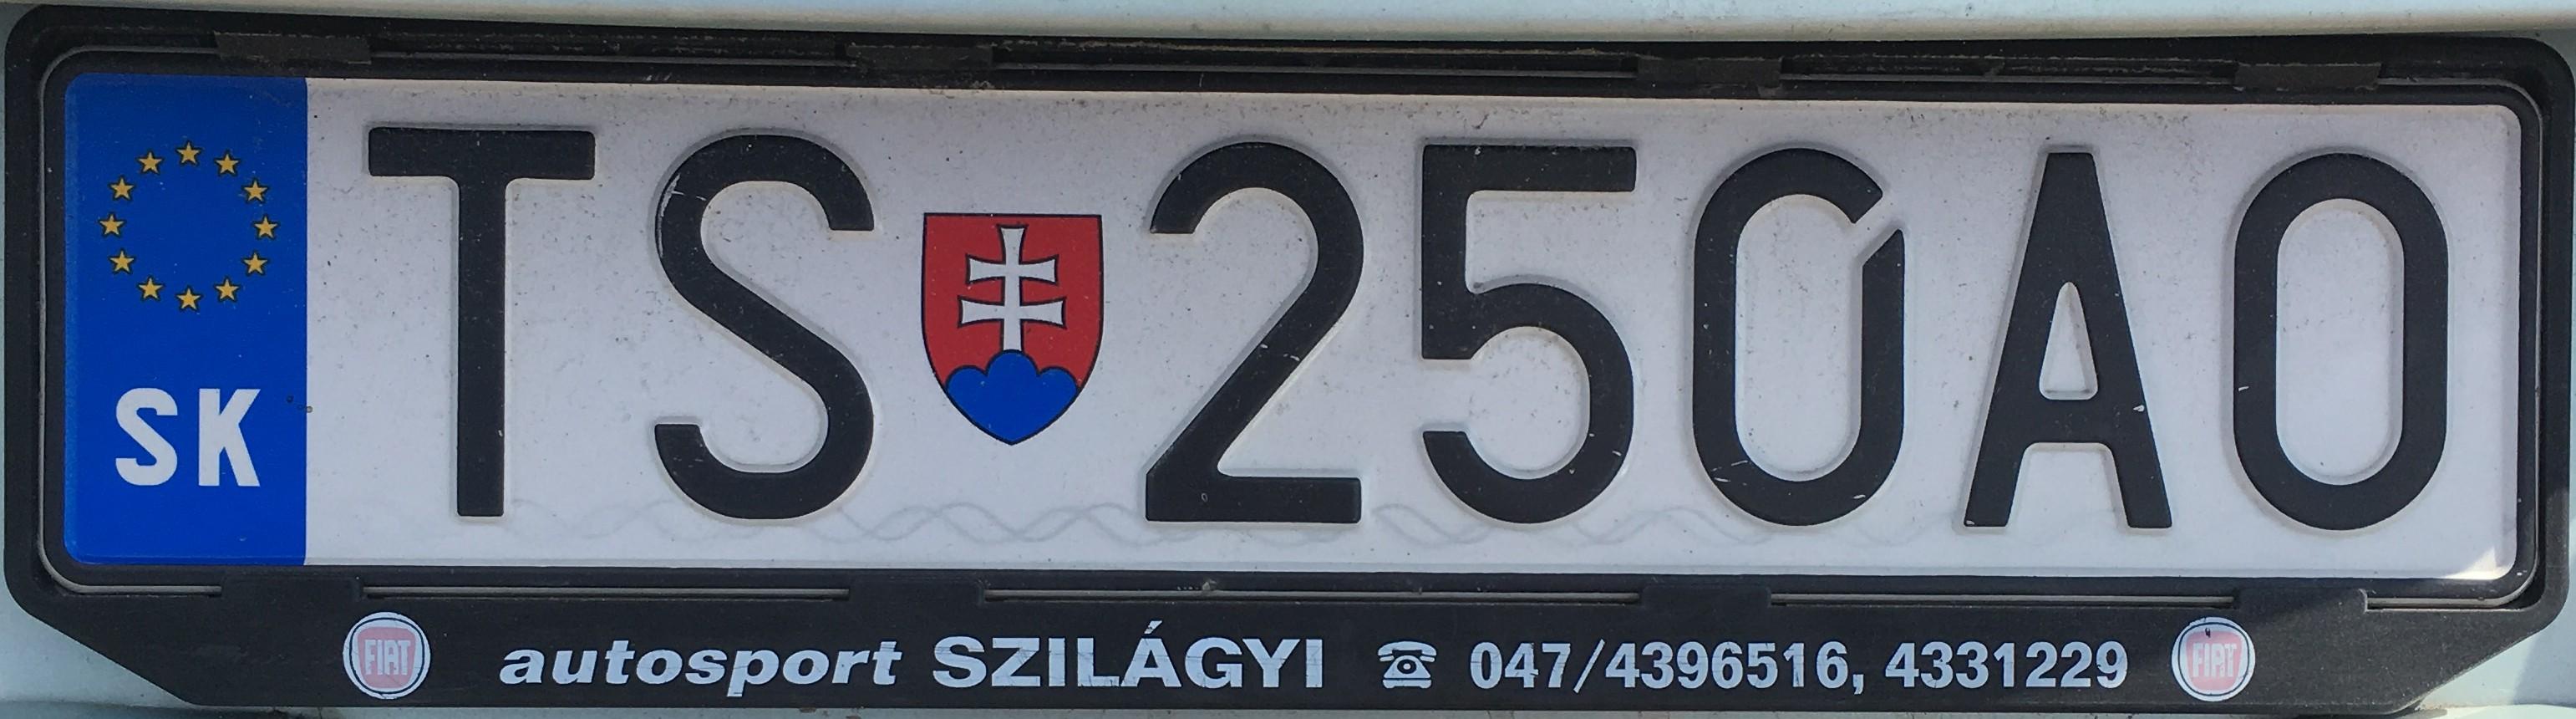 Registrační značka: TS - Tvrdošín, foto: vlastní